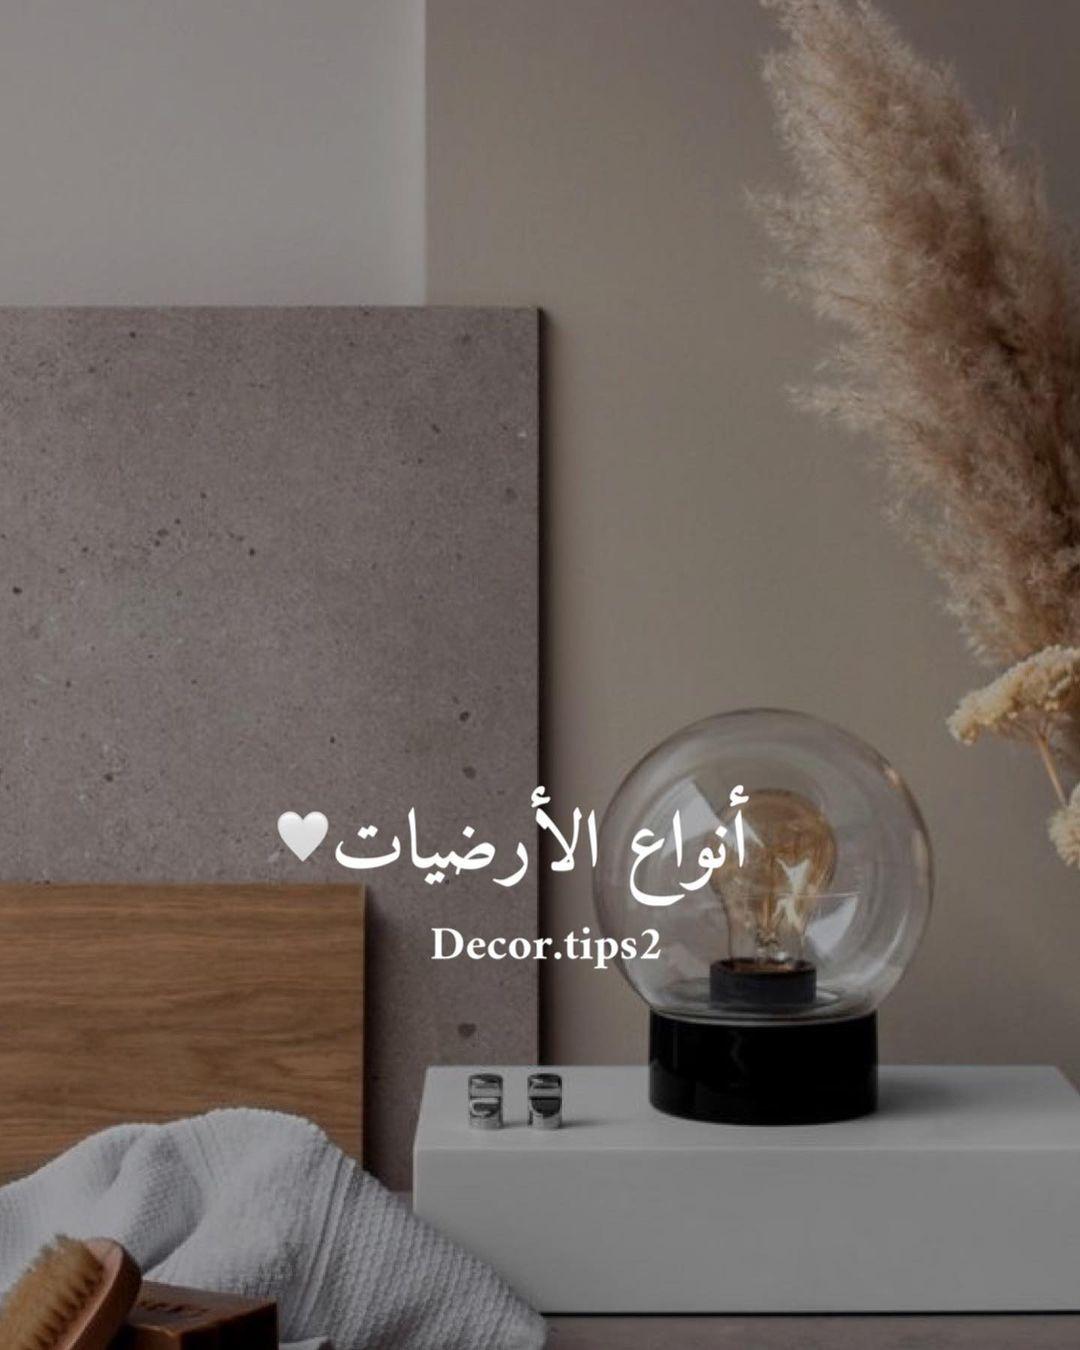 . مساء الخير يا أصحابِ .  أنواع الأرضيات وألوانها المتعددة تخلينا نحتار ونخت…